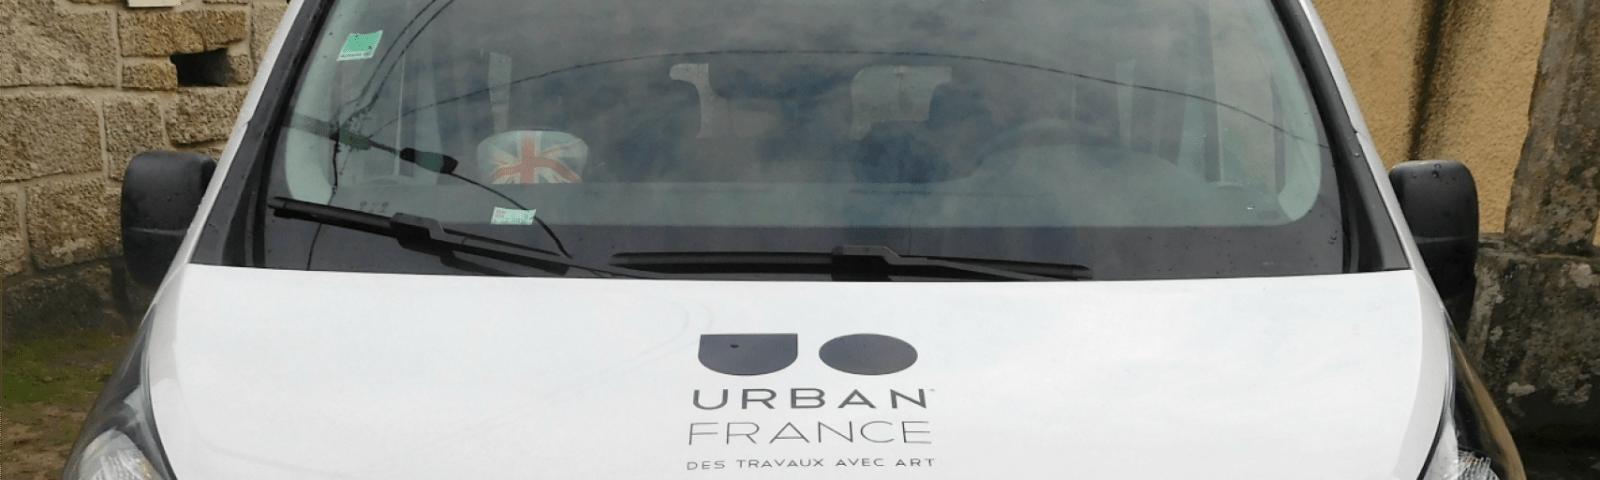 urban obras frança